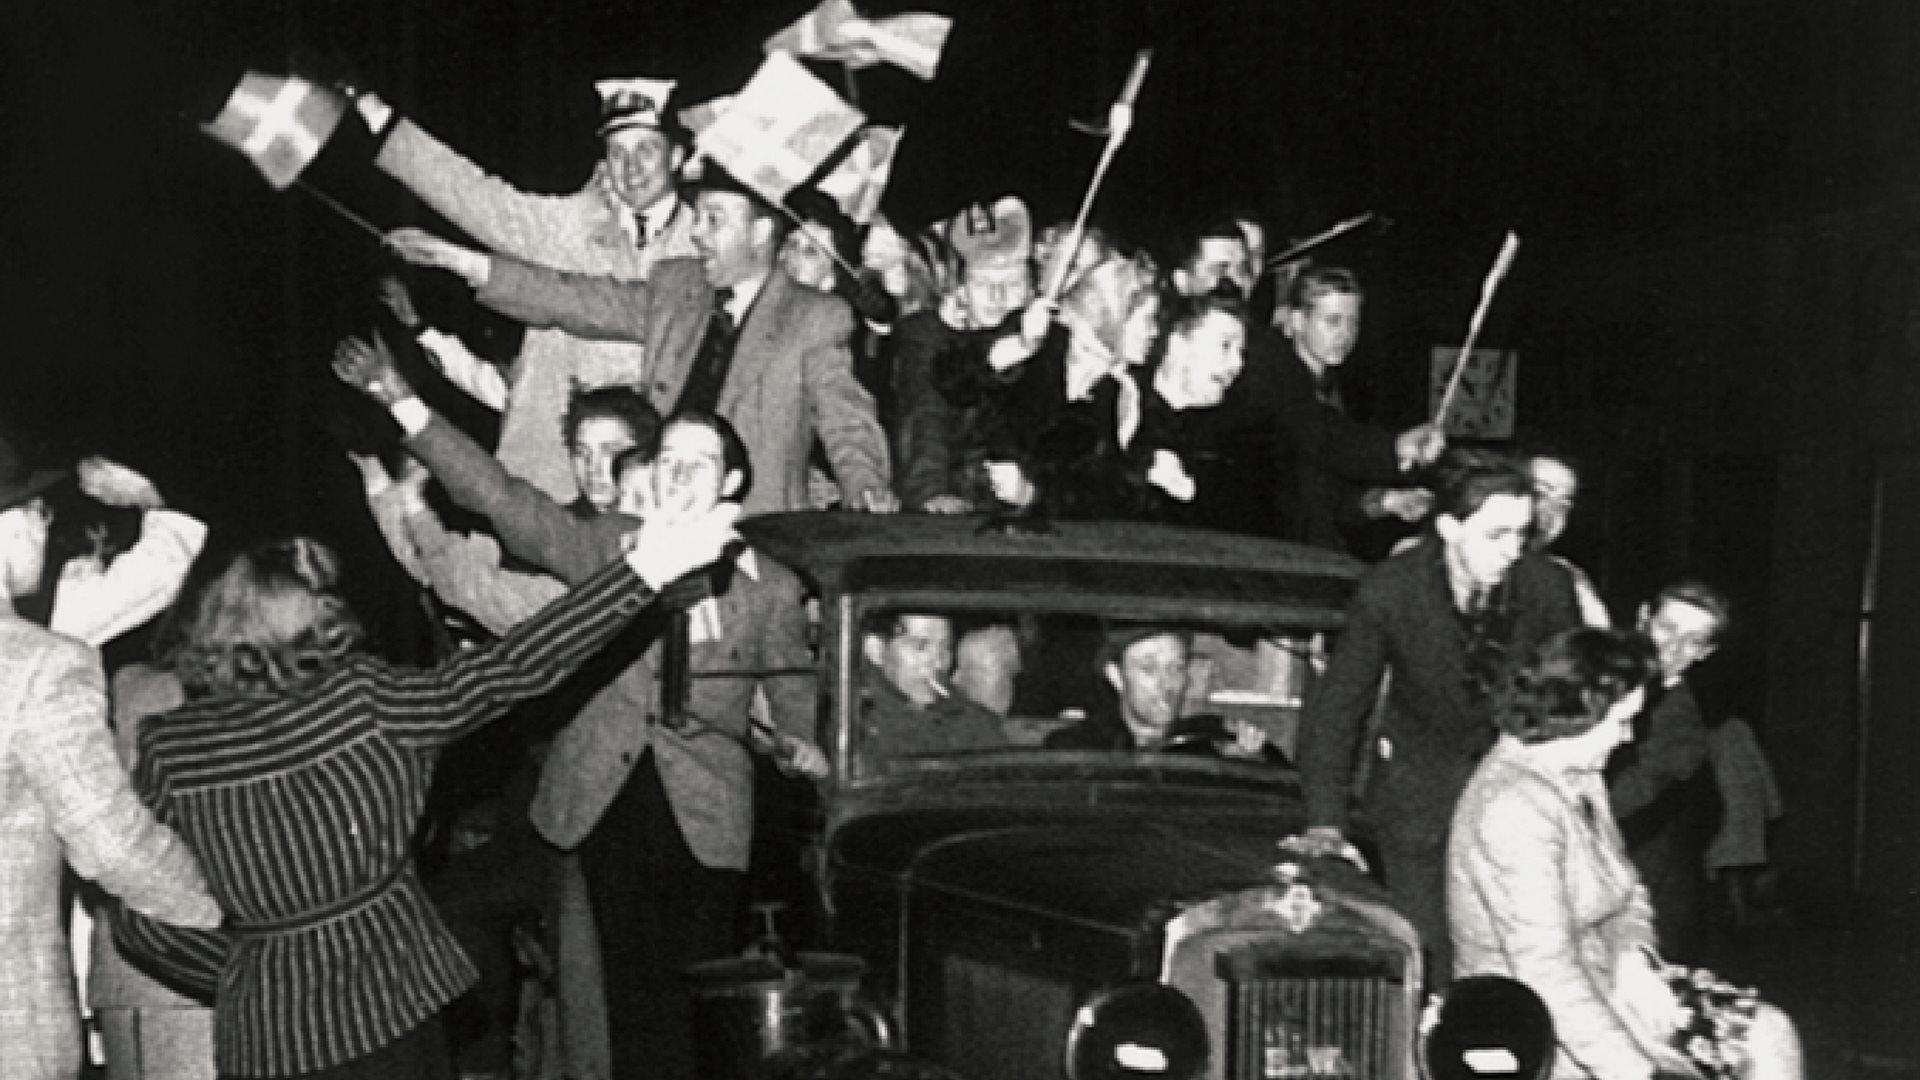 Befrielsen, Besættelsen, 4. maj 1945, 5. maj 1945, Anden Verdenskrig, Besættelsen i billeder